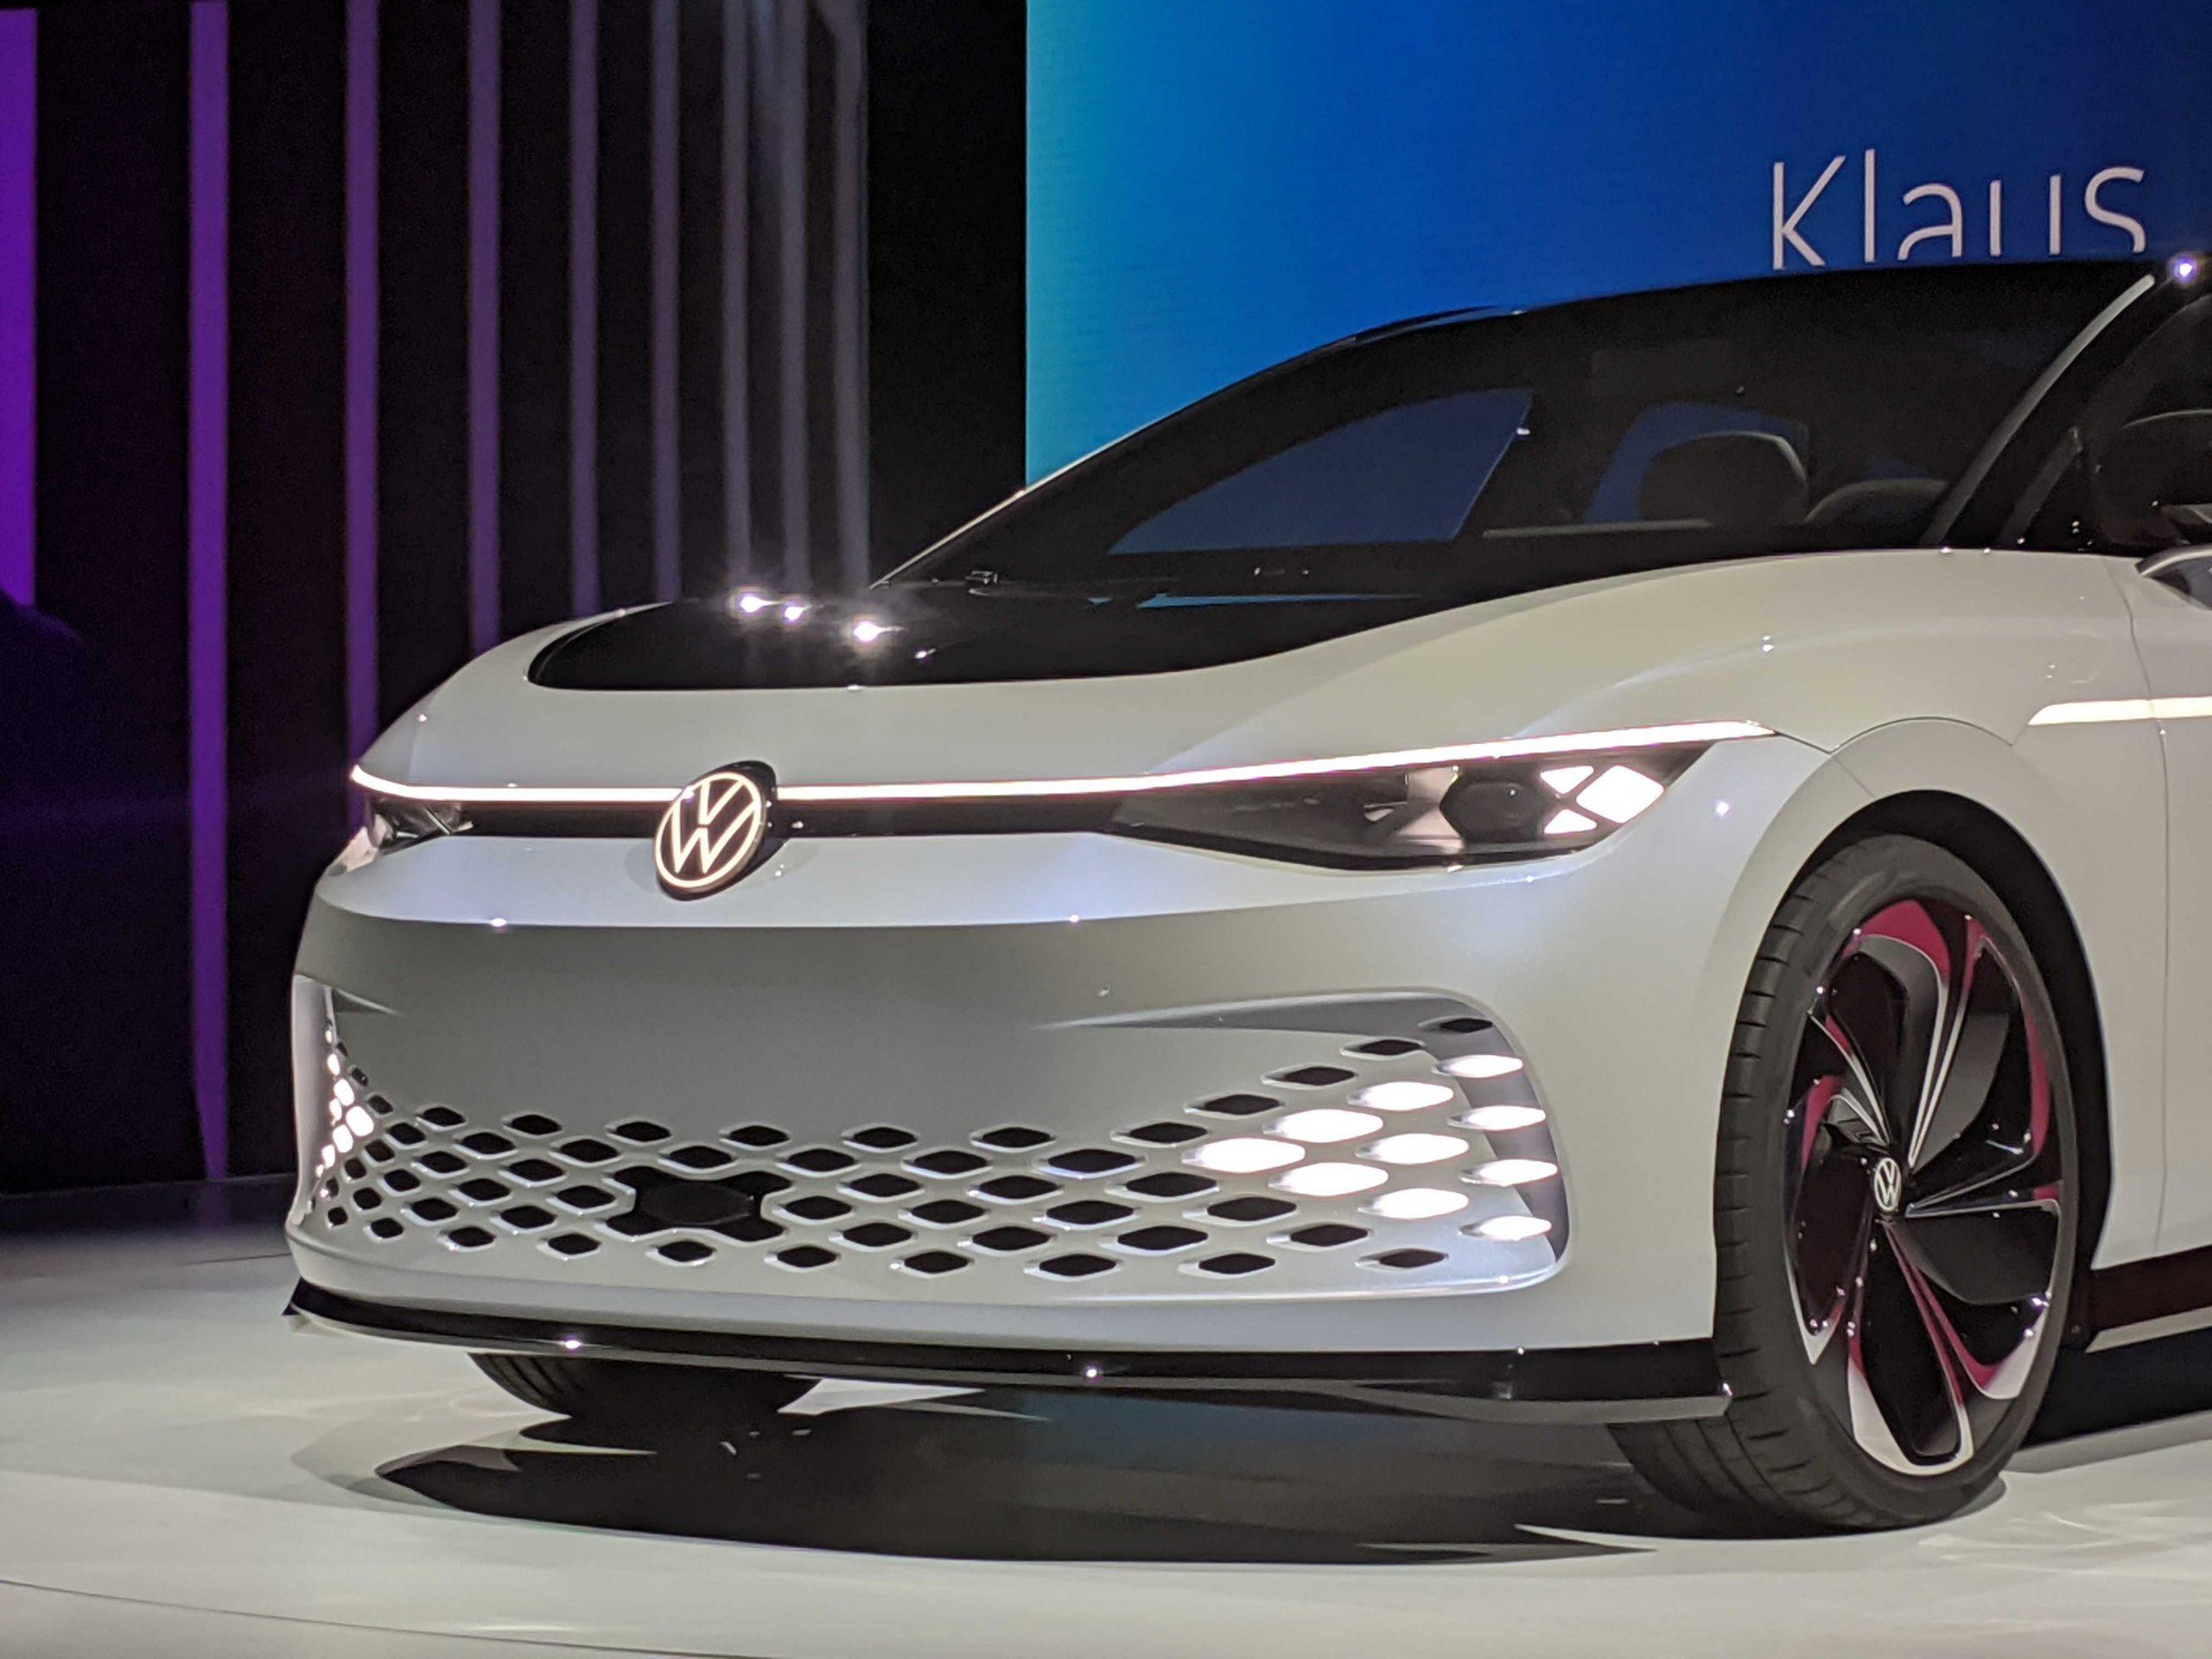 Dòng xe hơi nổi tiếng của Volkswagen